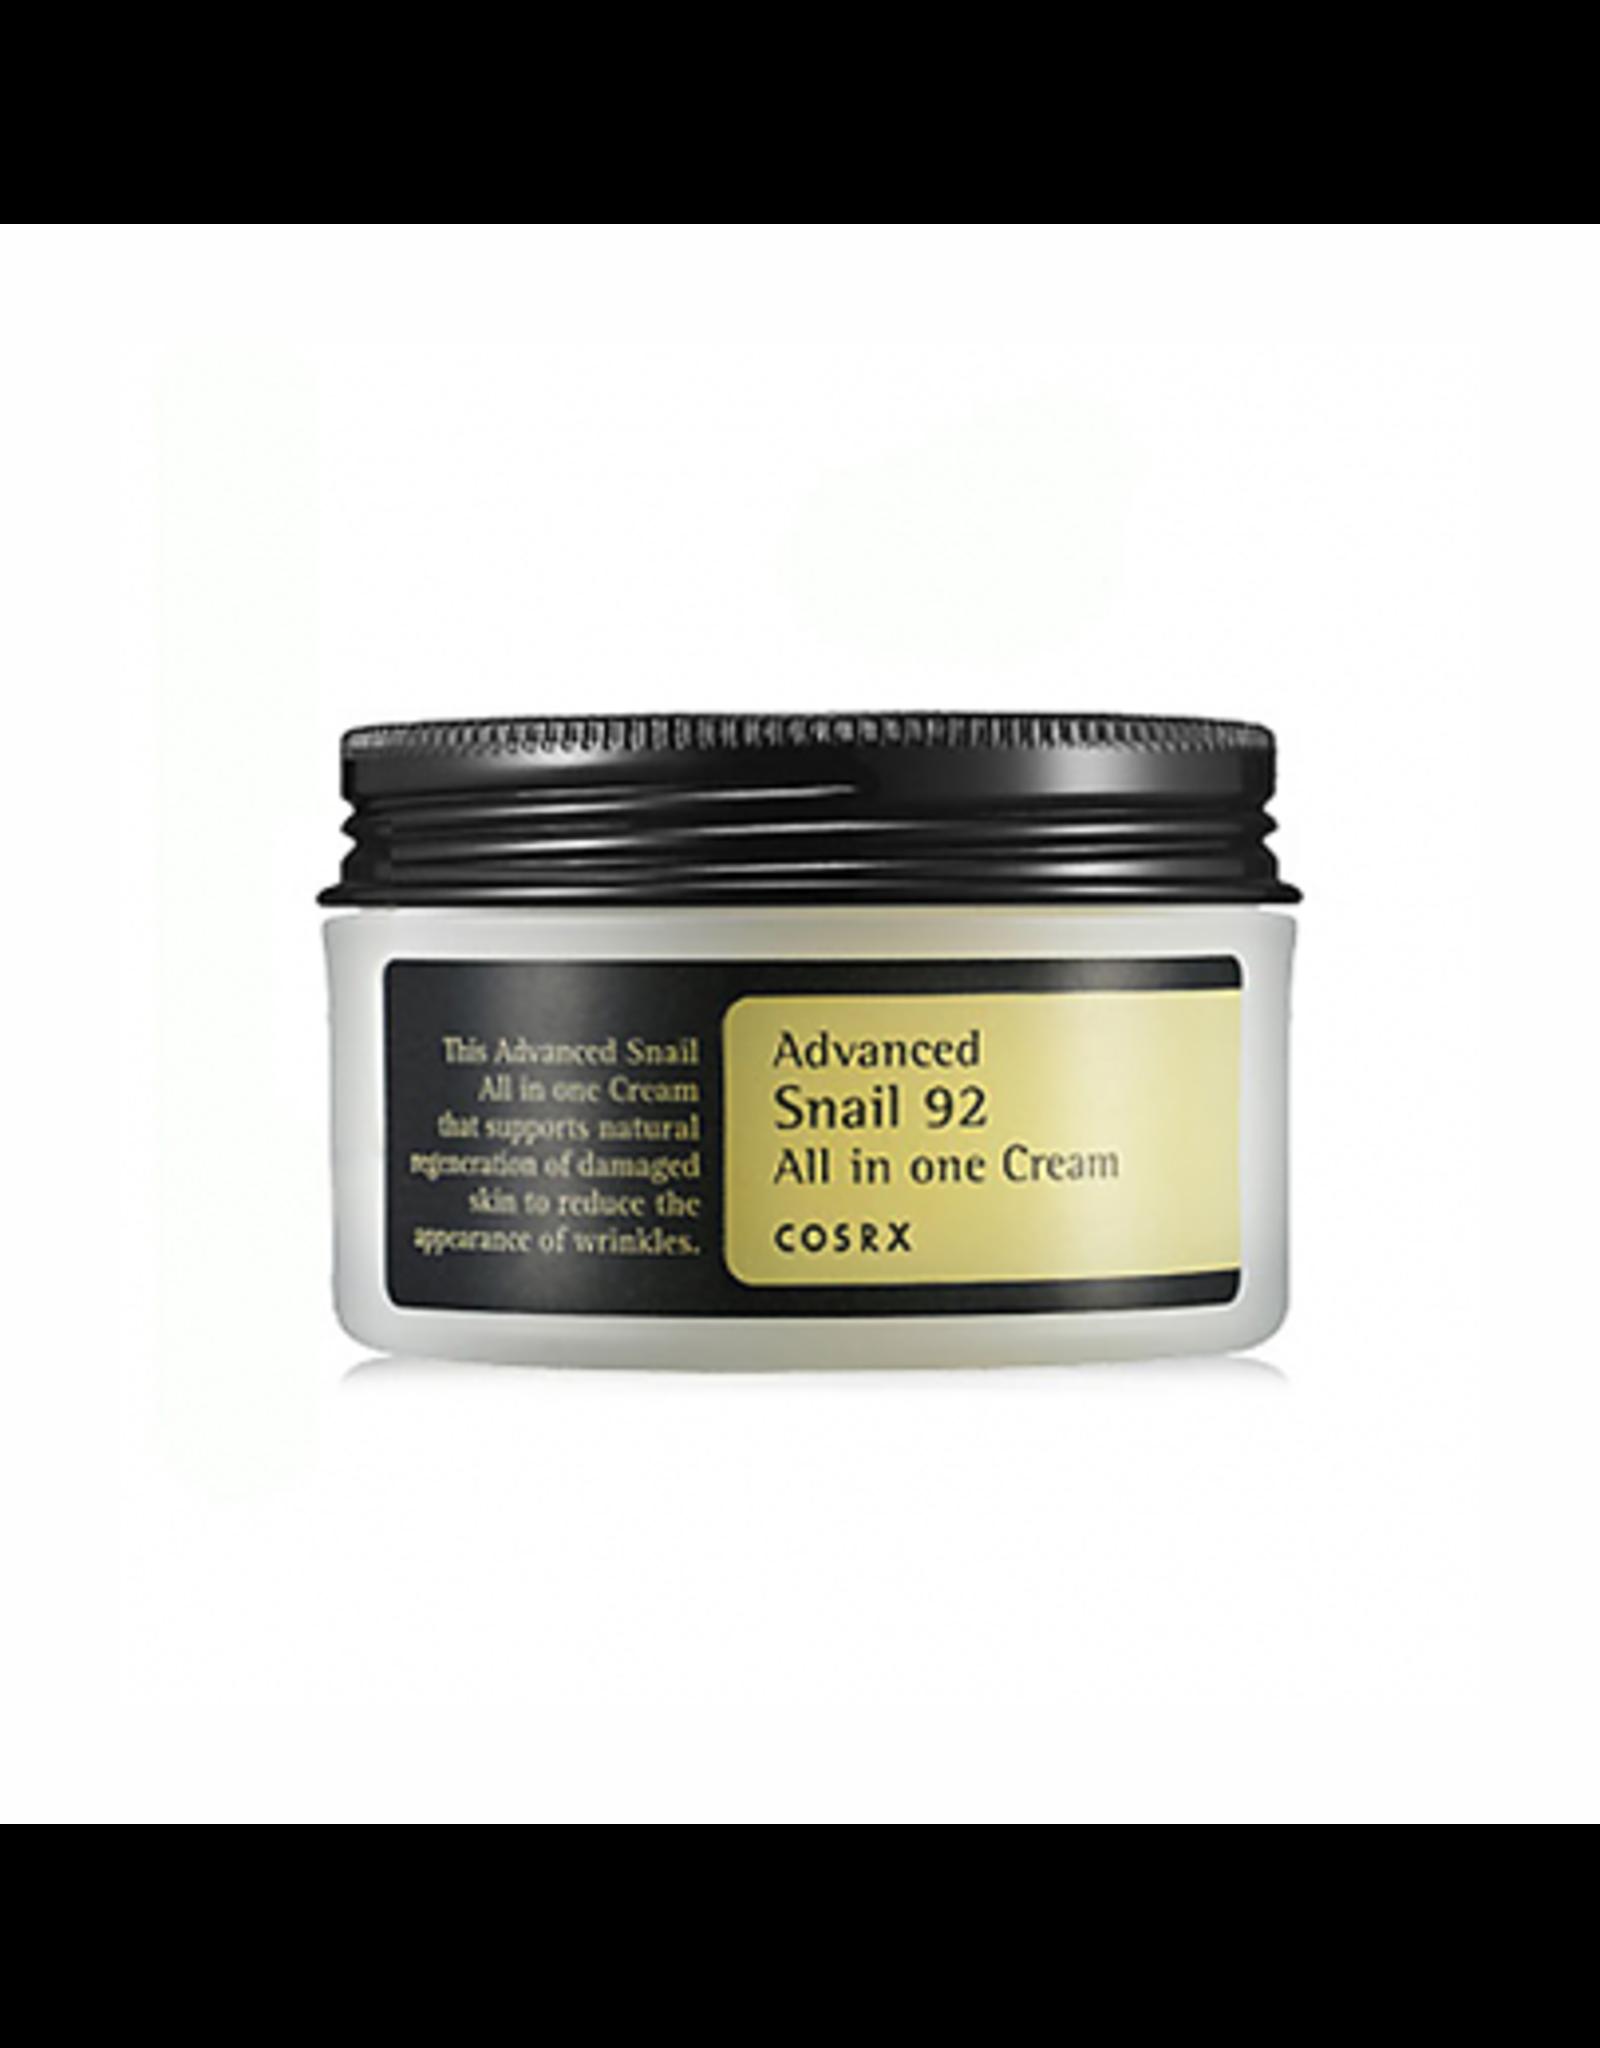 Cosrx Cosrx Advanced Snail 92 All In 1 Cream 100g